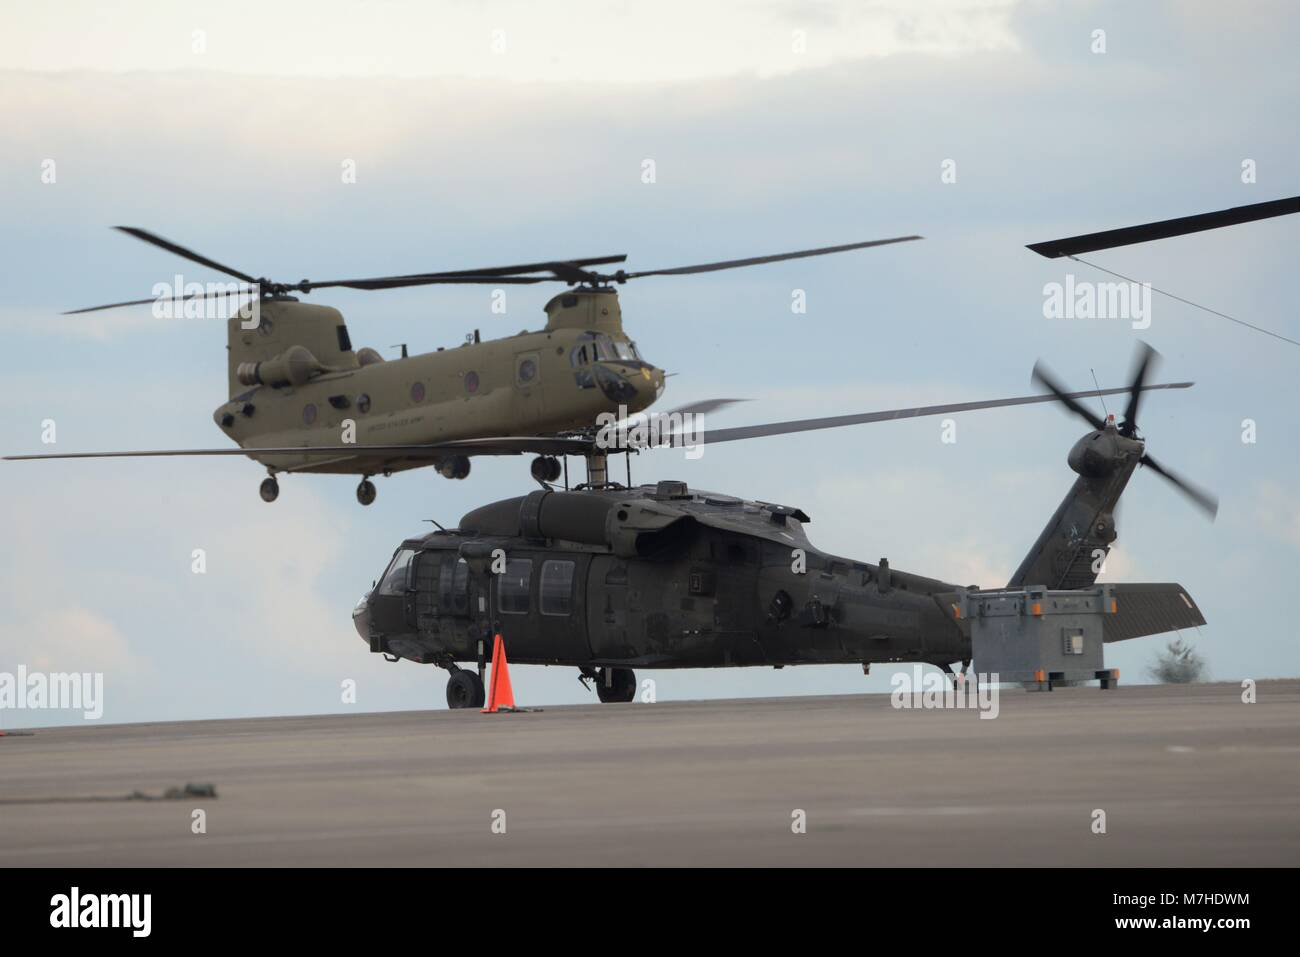 Elicottero Ch : Un u s esercito ch elicottero chinook dal ° aria brigata di